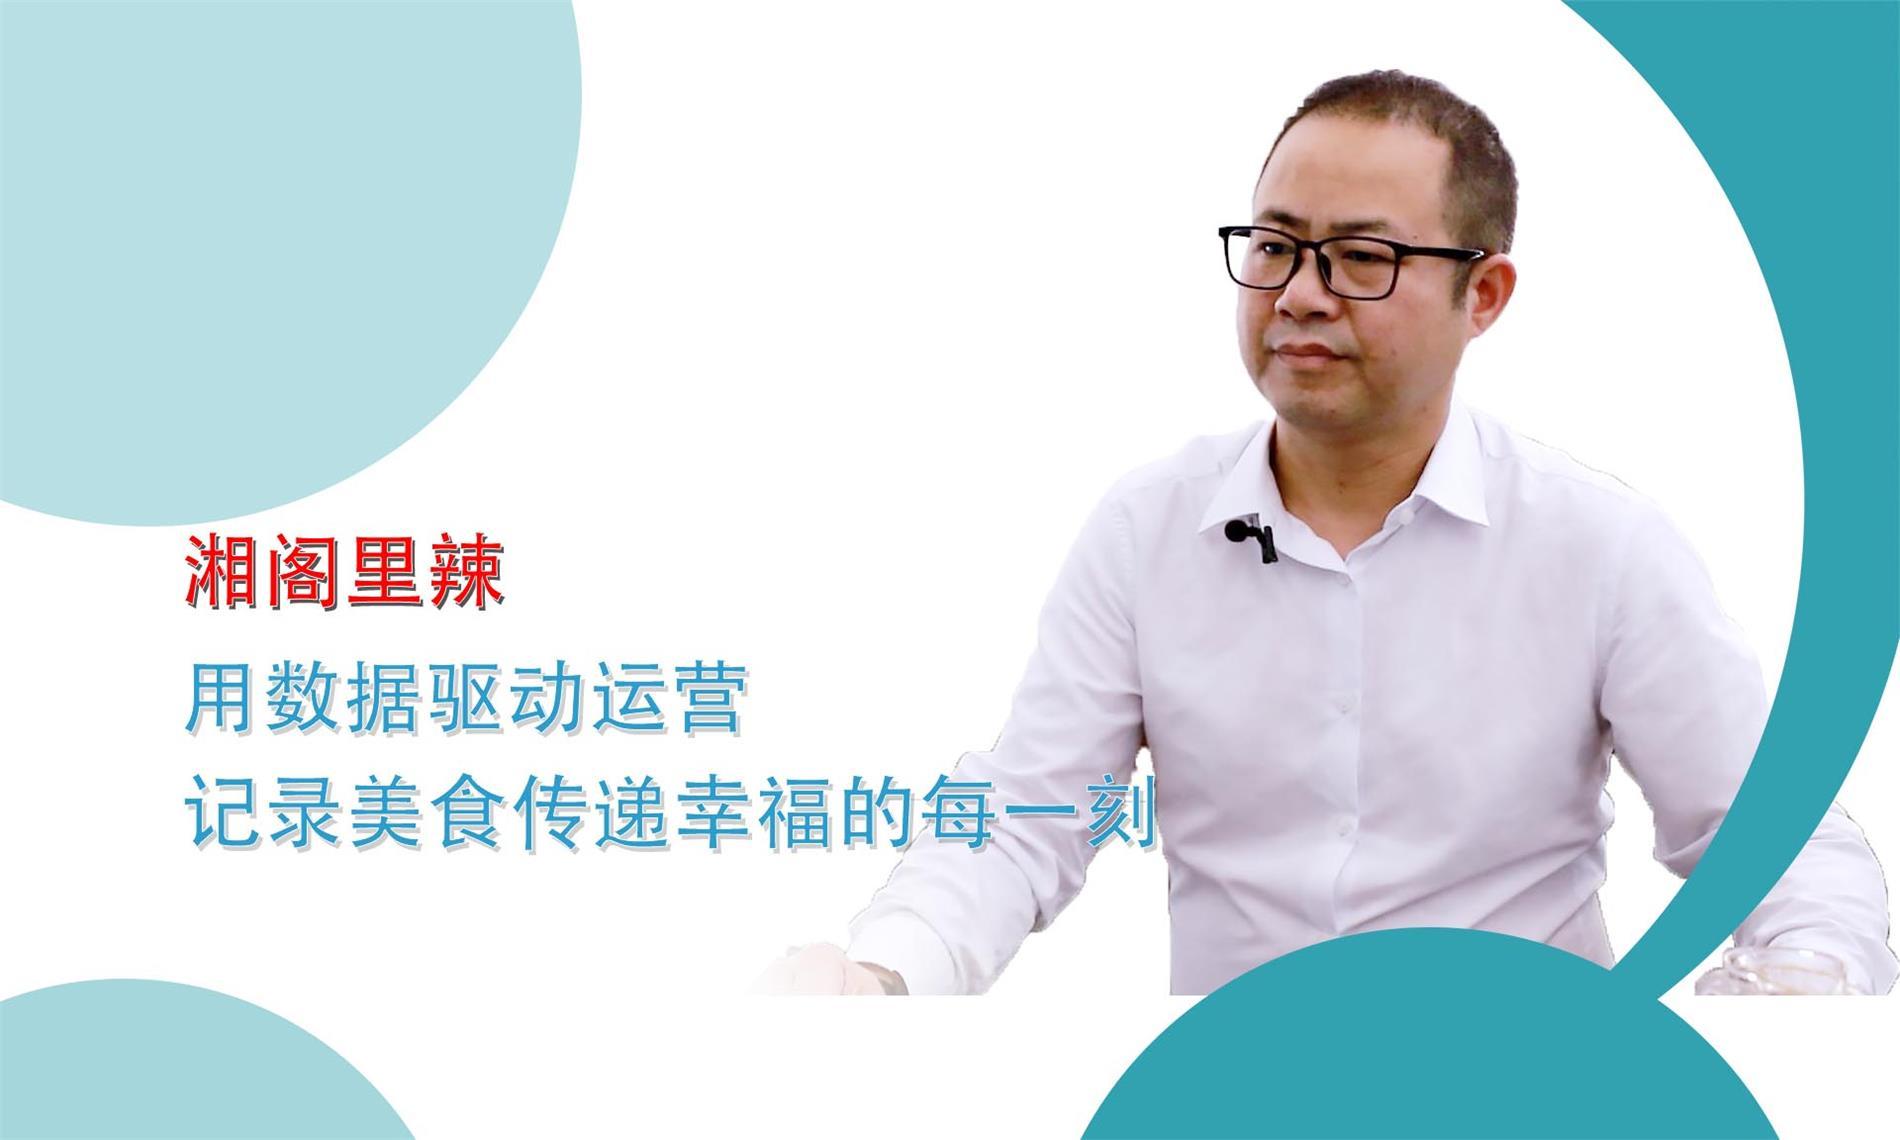 湘閣里辣攜手鼎捷軟件-用數據驅動運營